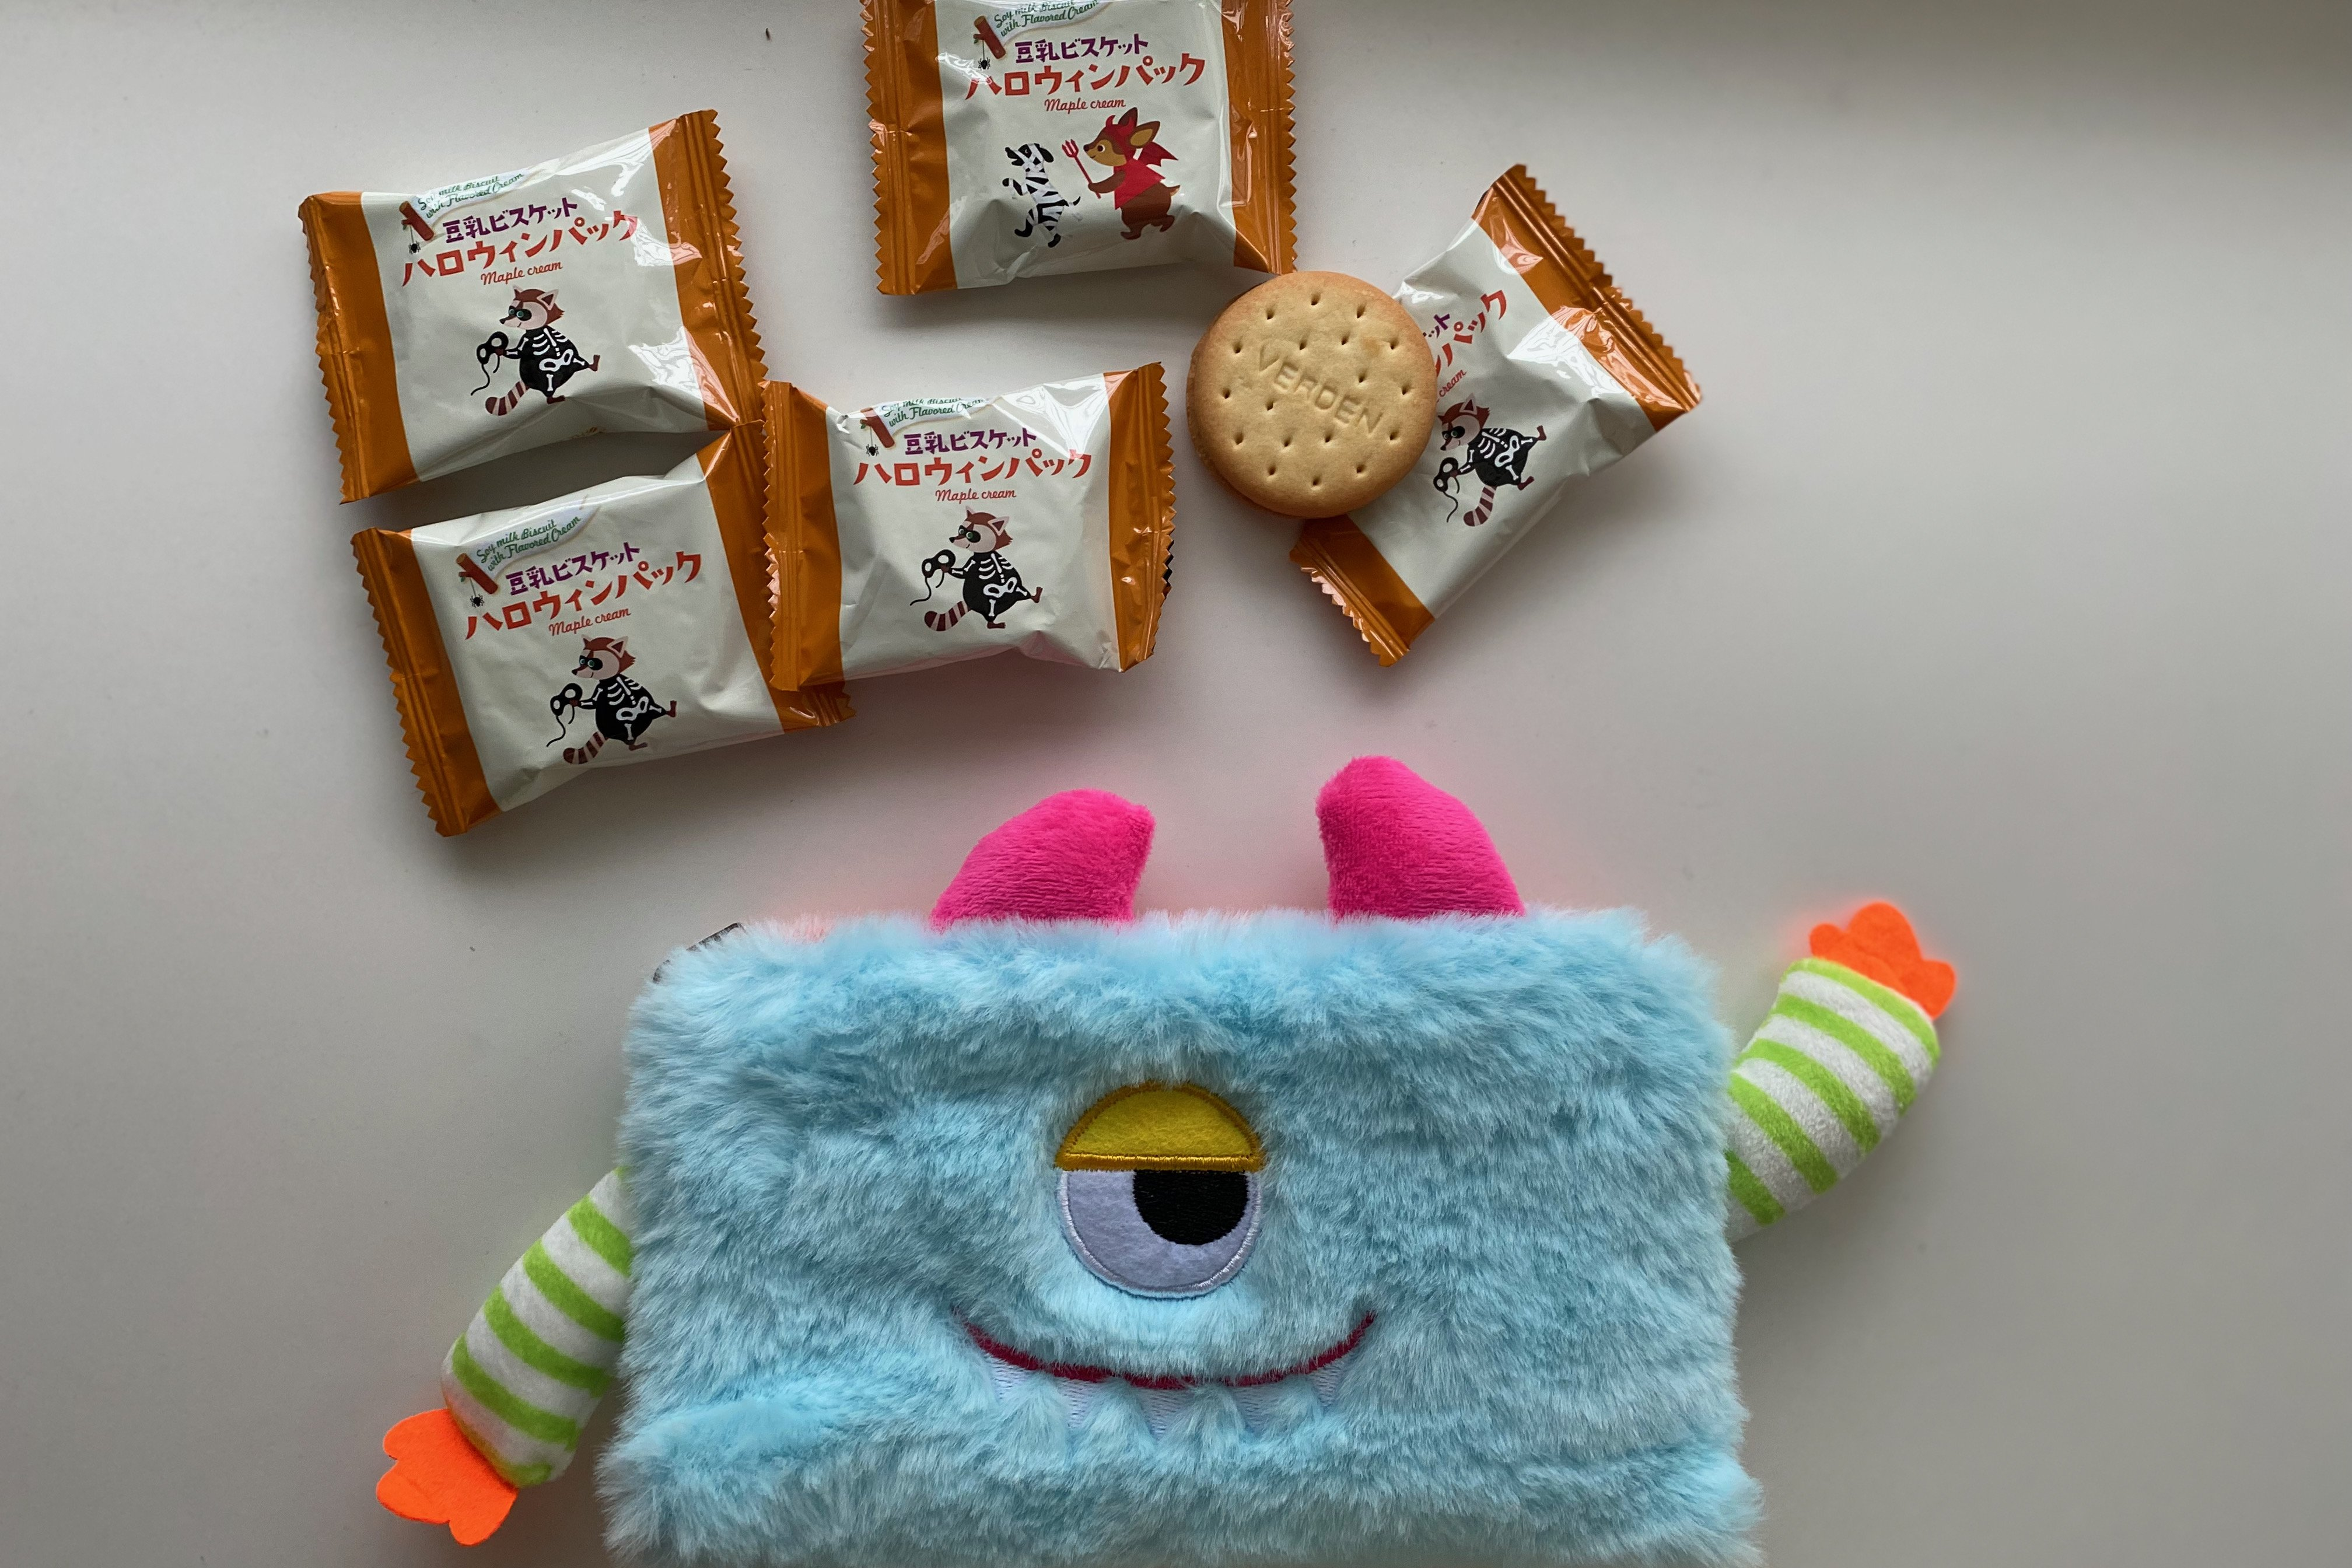 オンラインは完売【カルディ】もこかわ「モンスターポーチ」中にはハロウィンお菓子